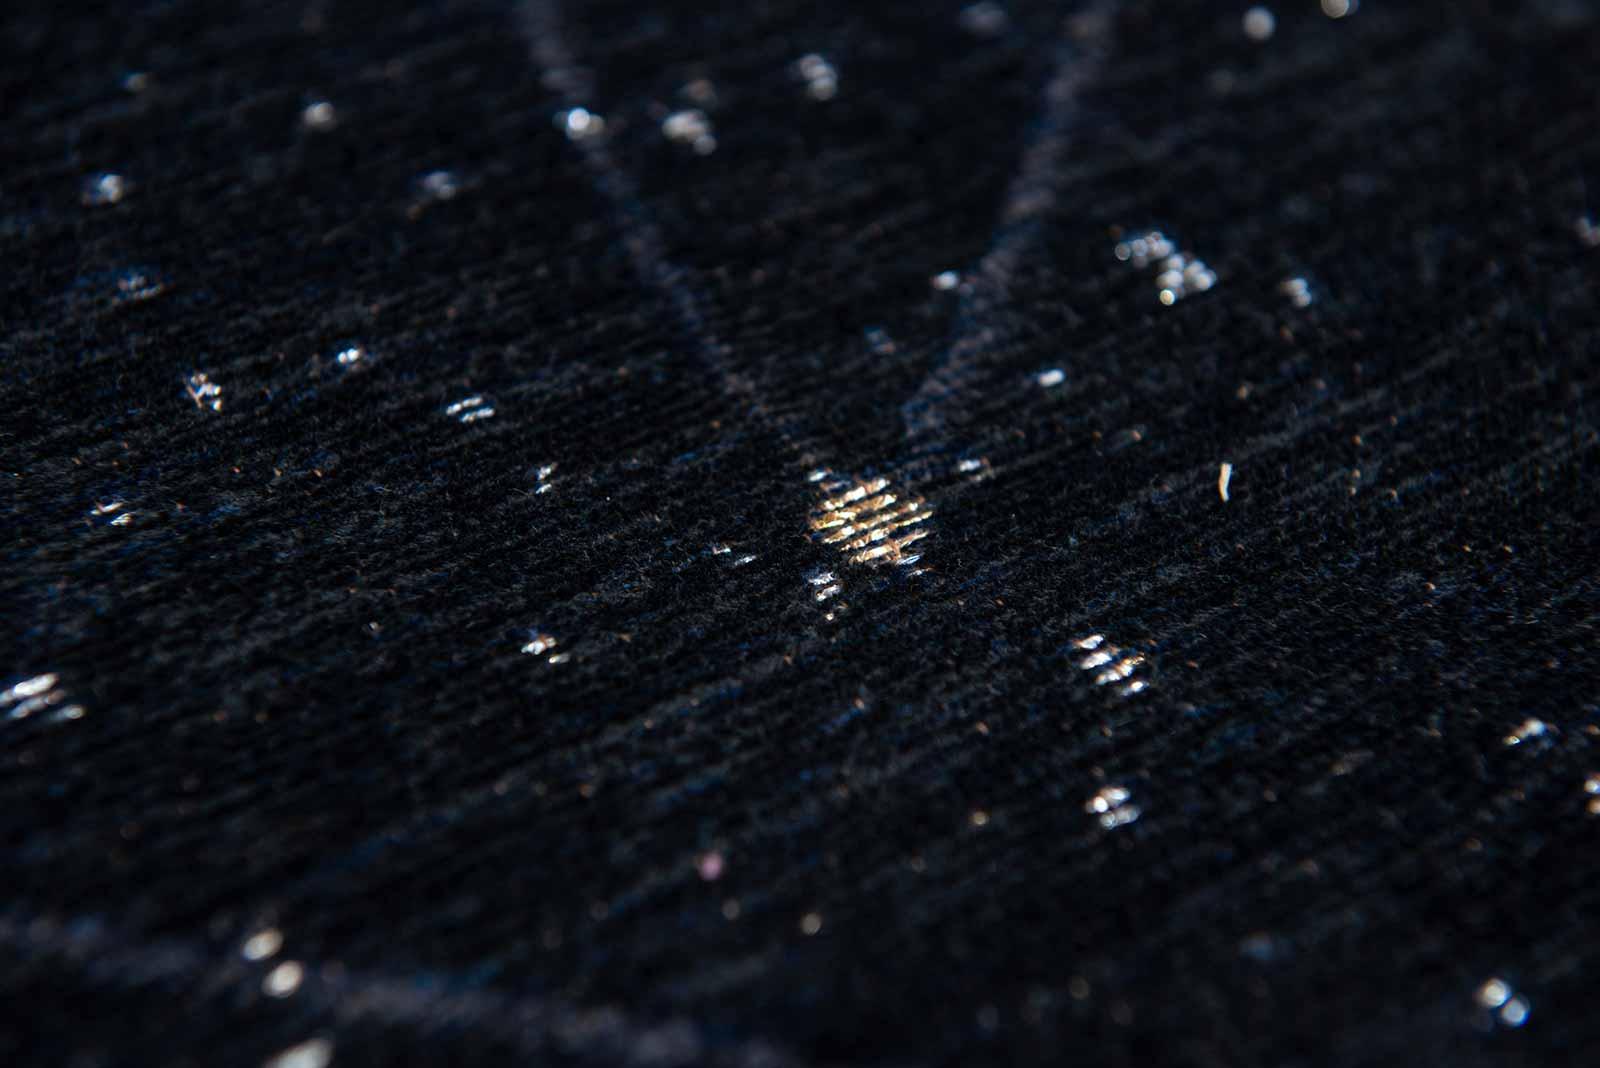 Louis De Poortere vloerkleed Fischbacher 9059 Celestial Night Sky zoom 1